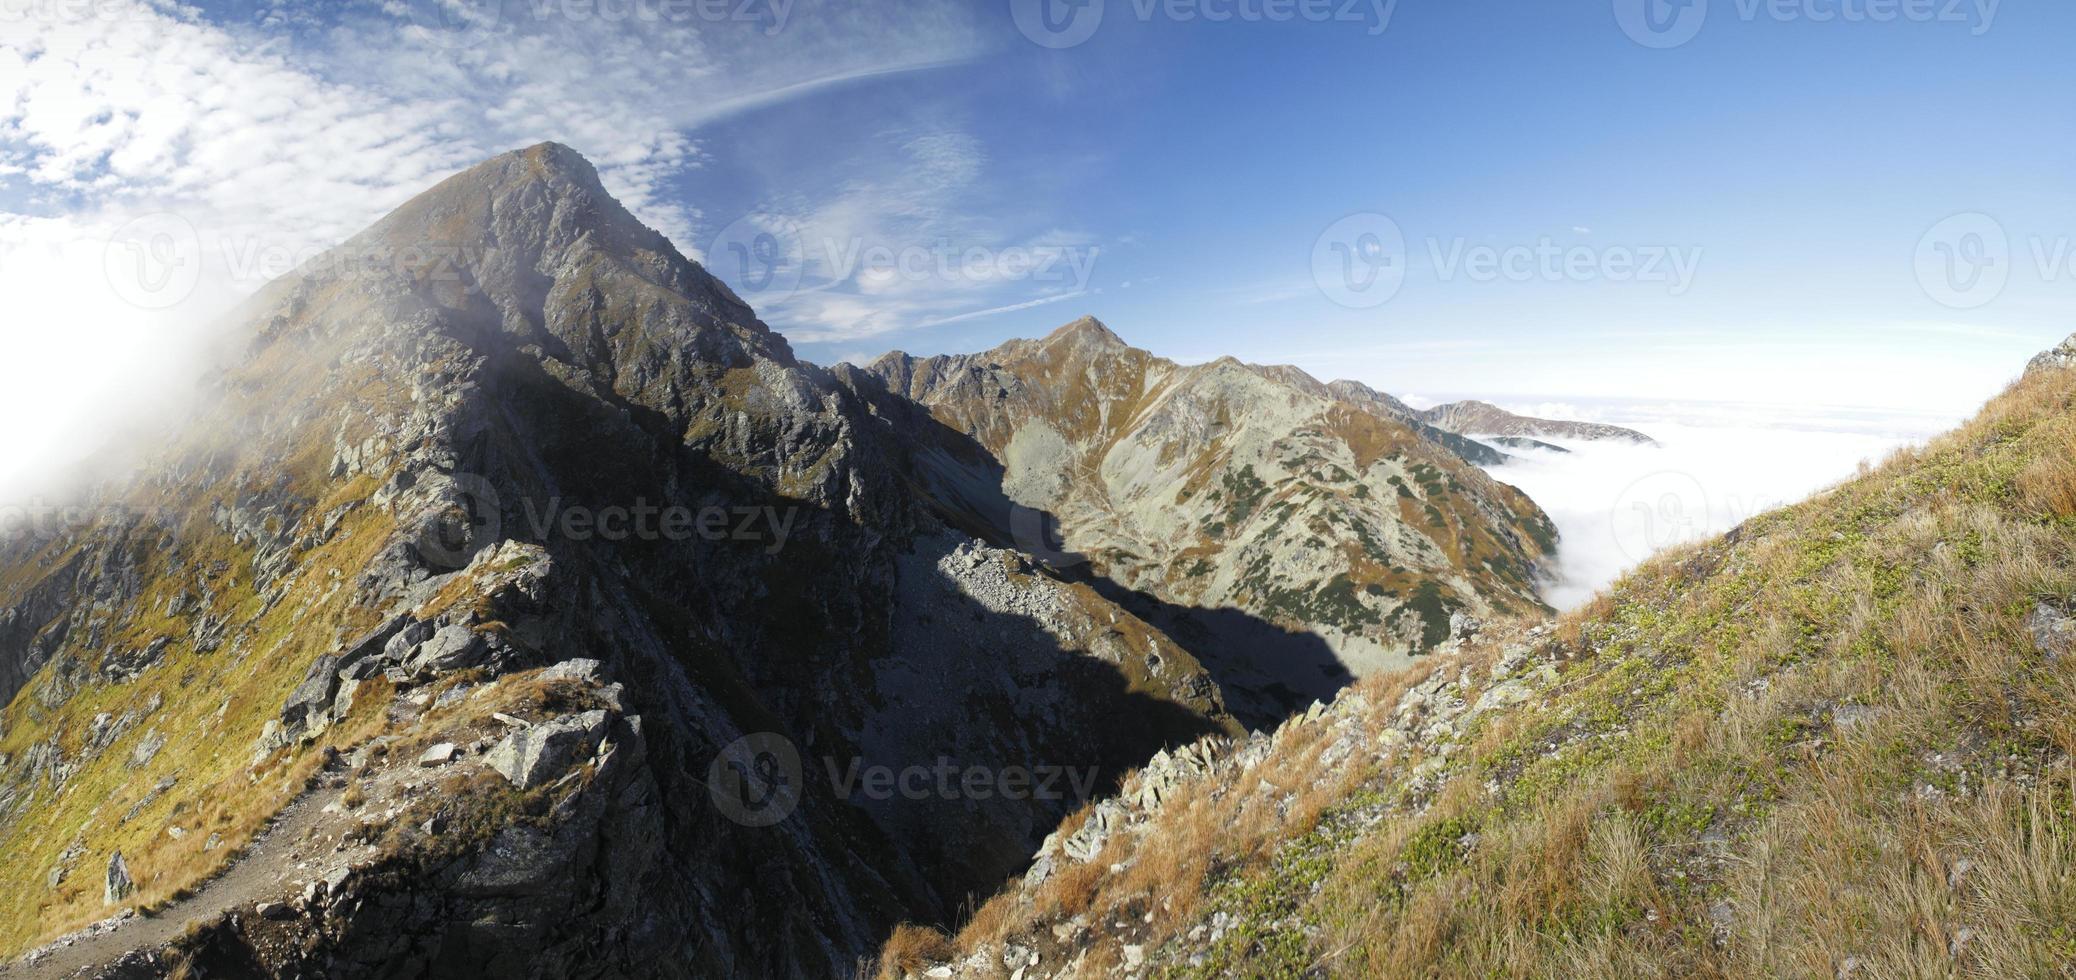 forma plattiva ostry rohac nei monti tatra in slovacchia foto